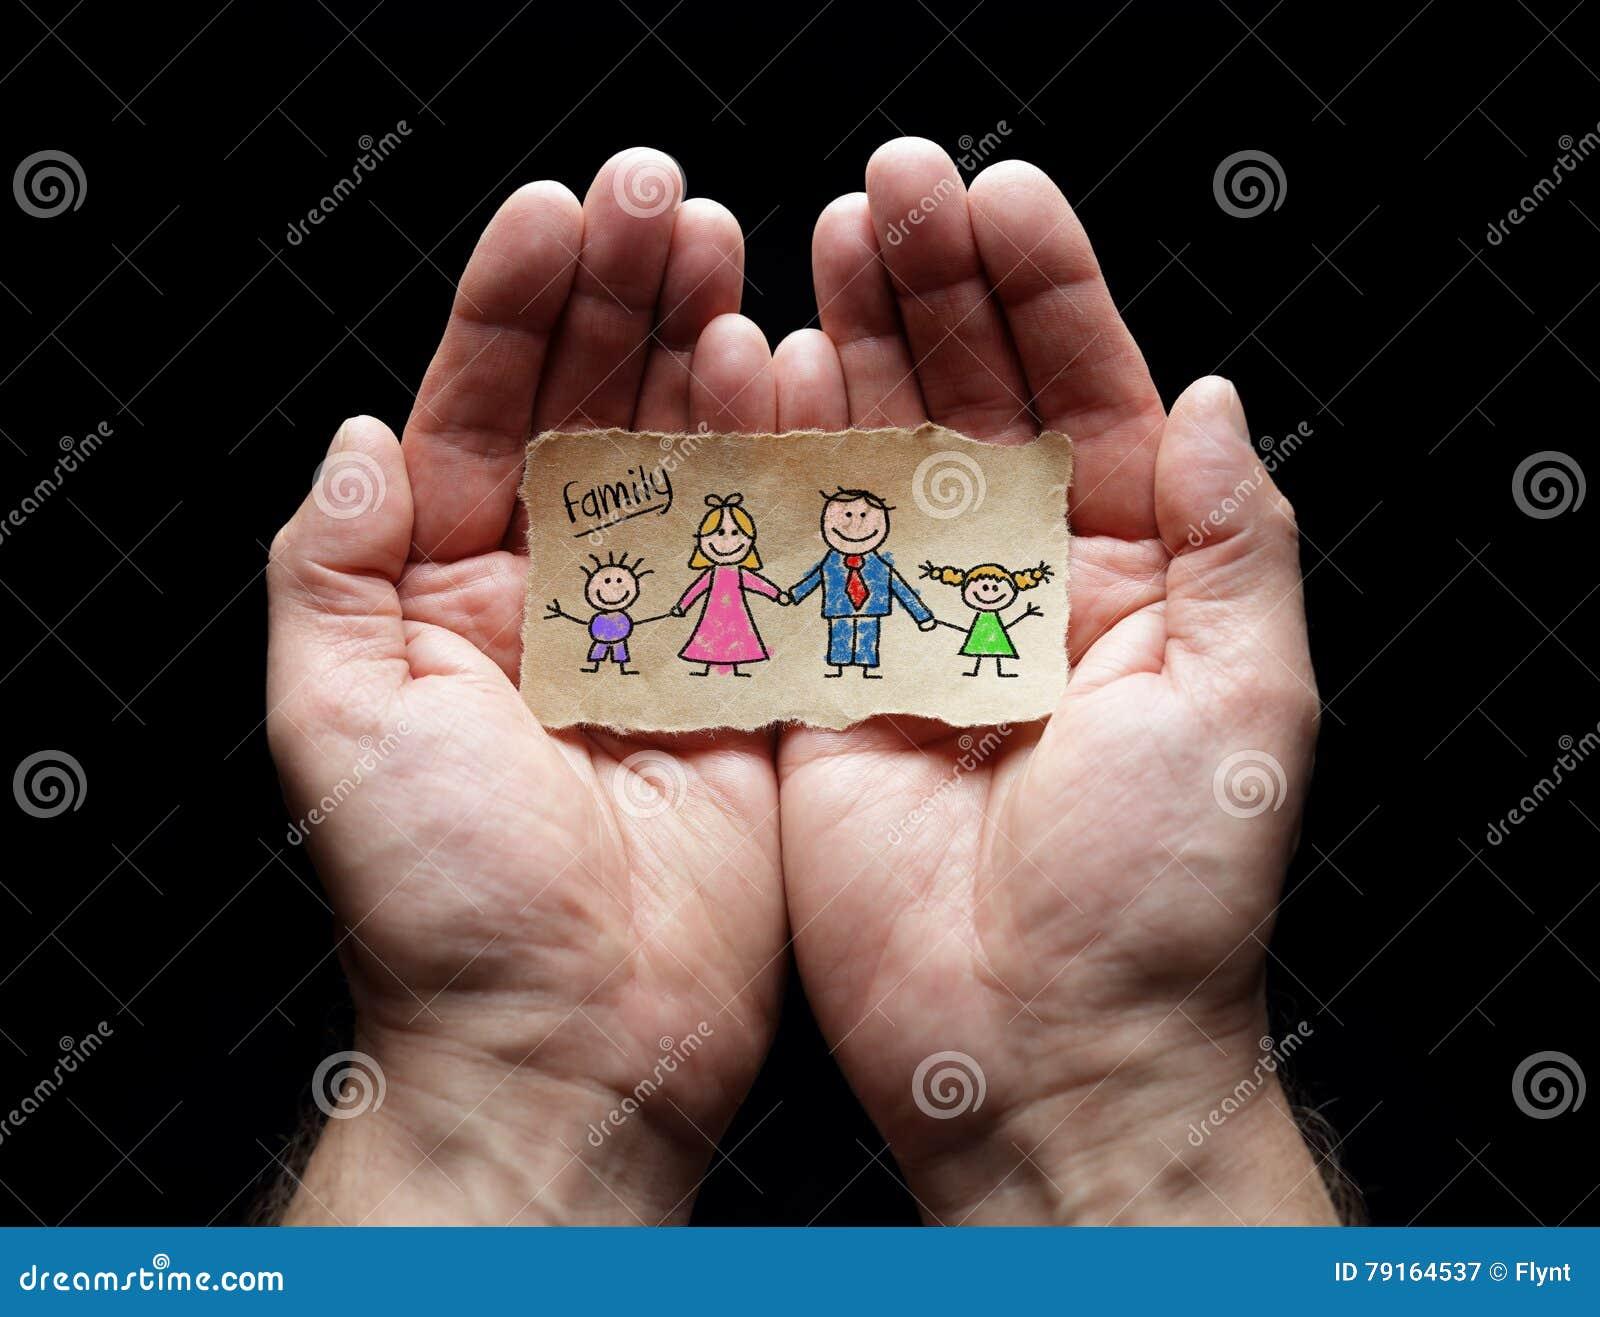 Σχέδιο παιδιών της οικογένειας με την προστασία των κοίλων χεριών